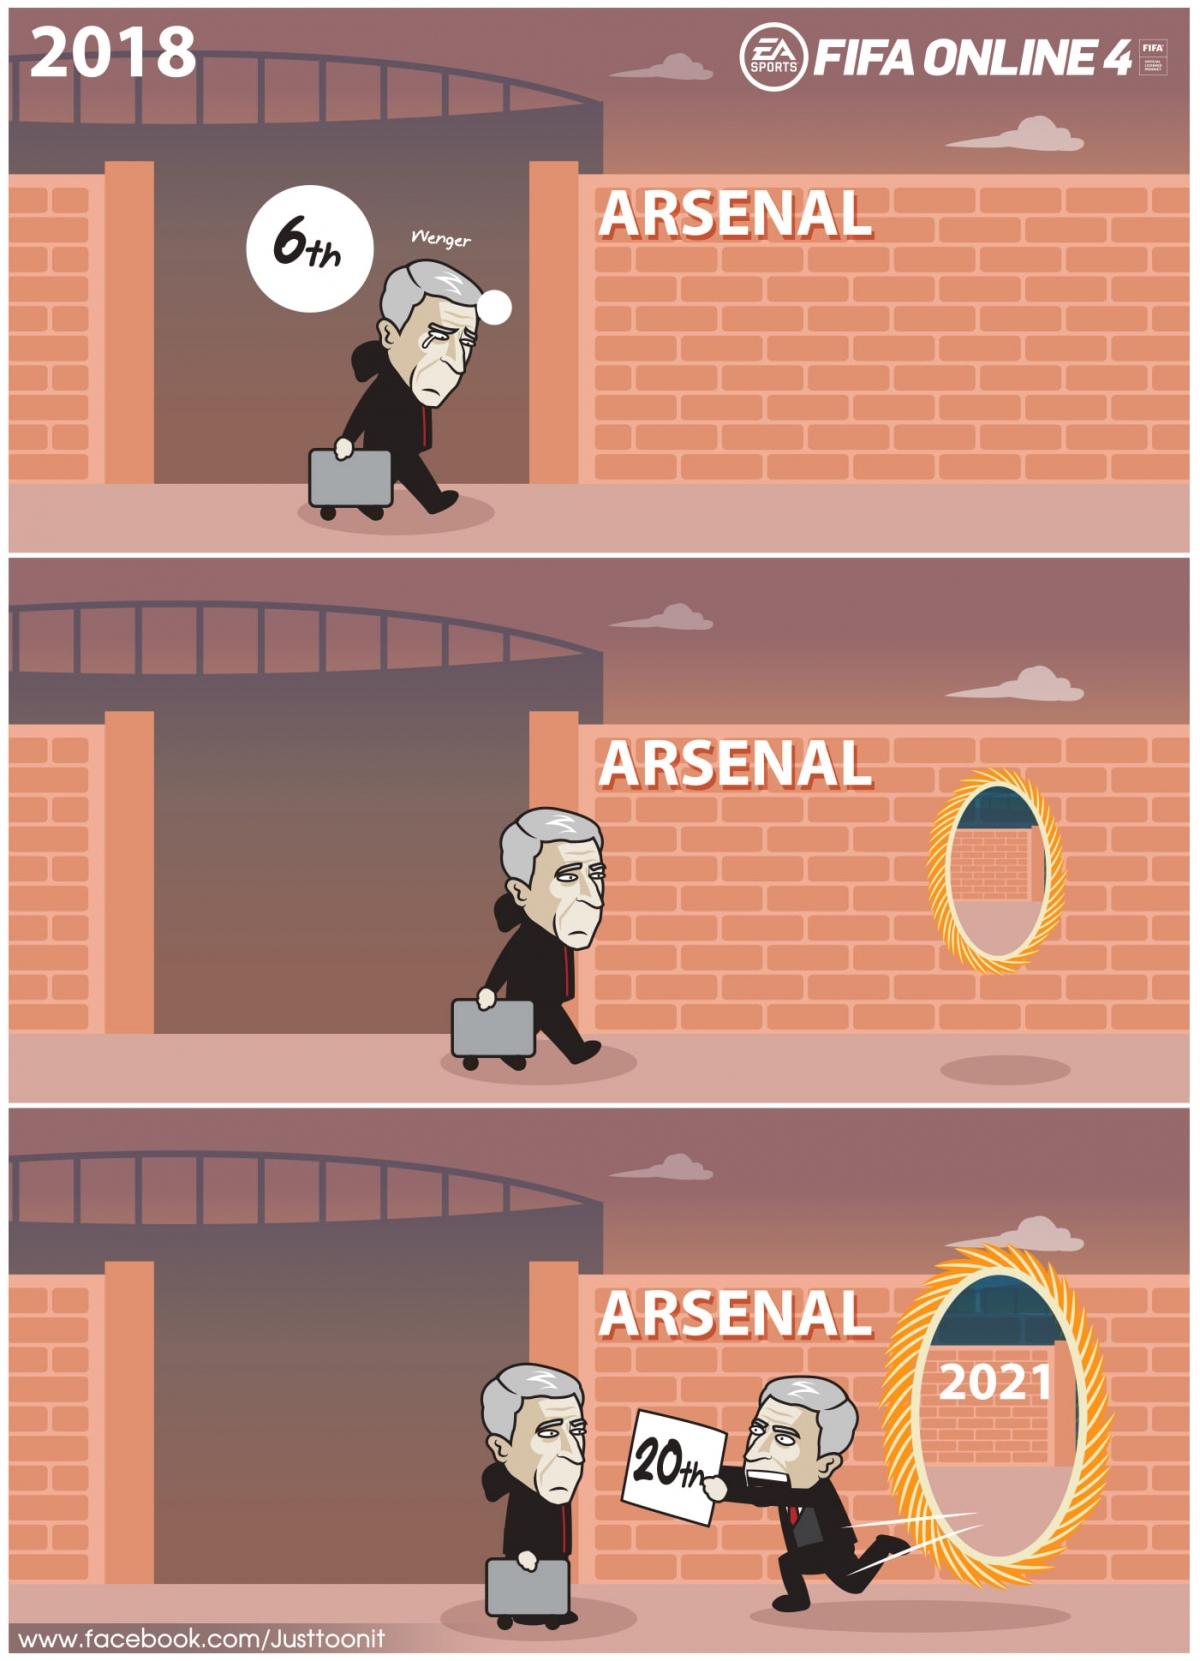 Thực trạng của Arsenal sau 3 năm chia tay HLV Wenger. (Ảnh: Just Toonit).